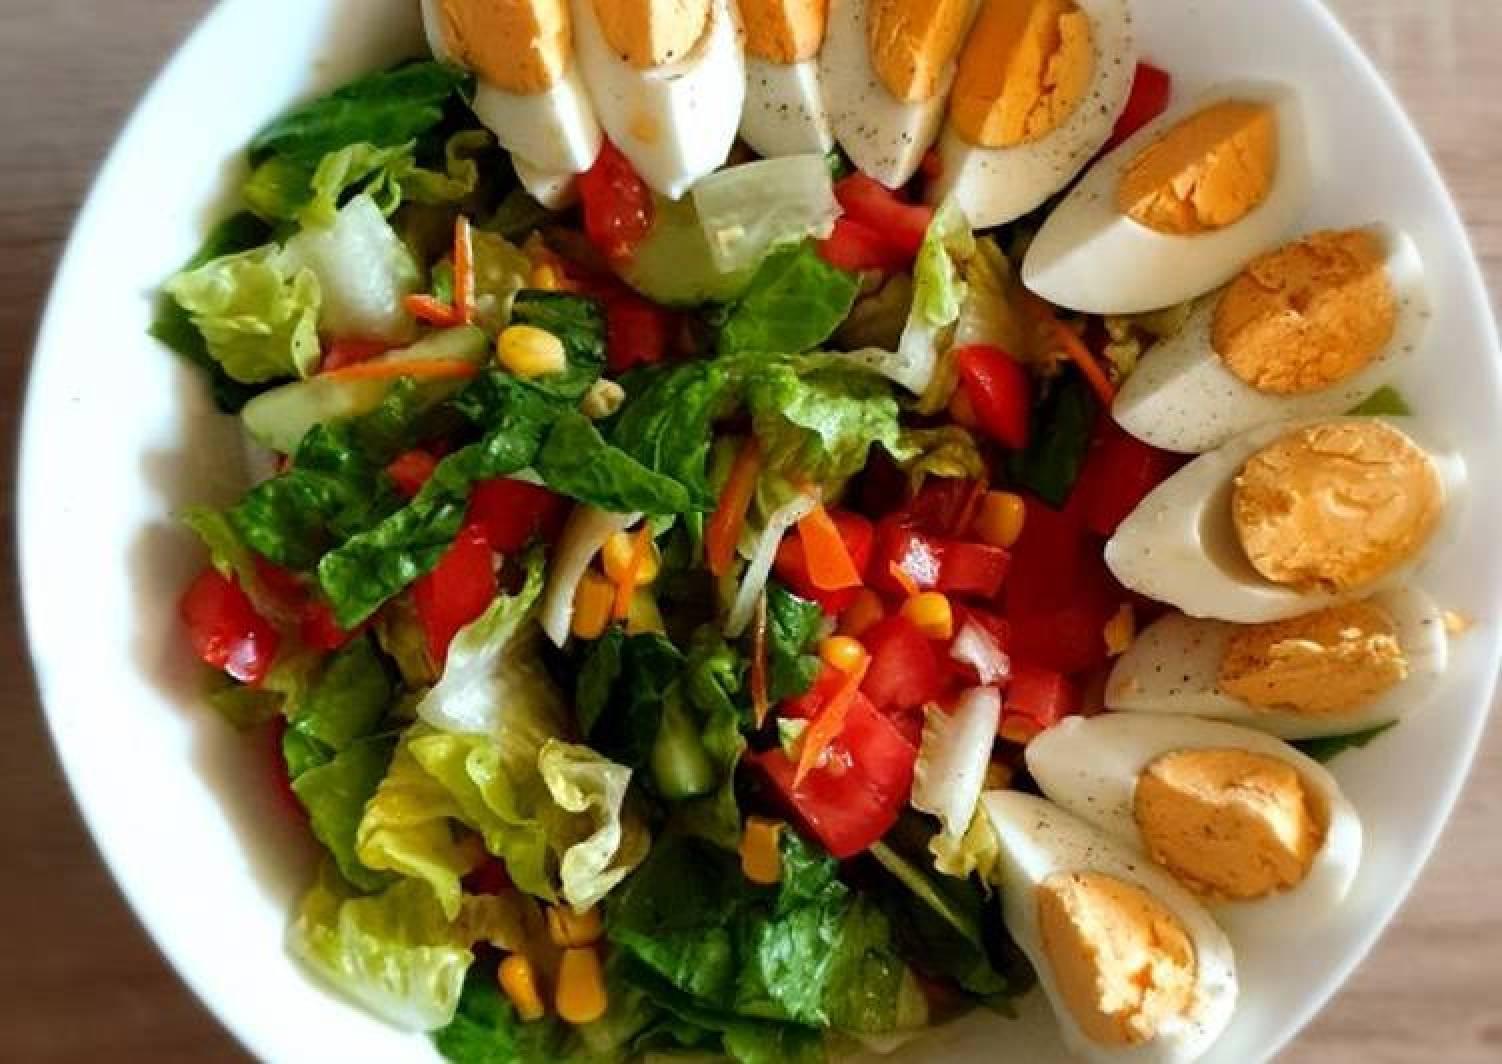 Mixed colorful salad